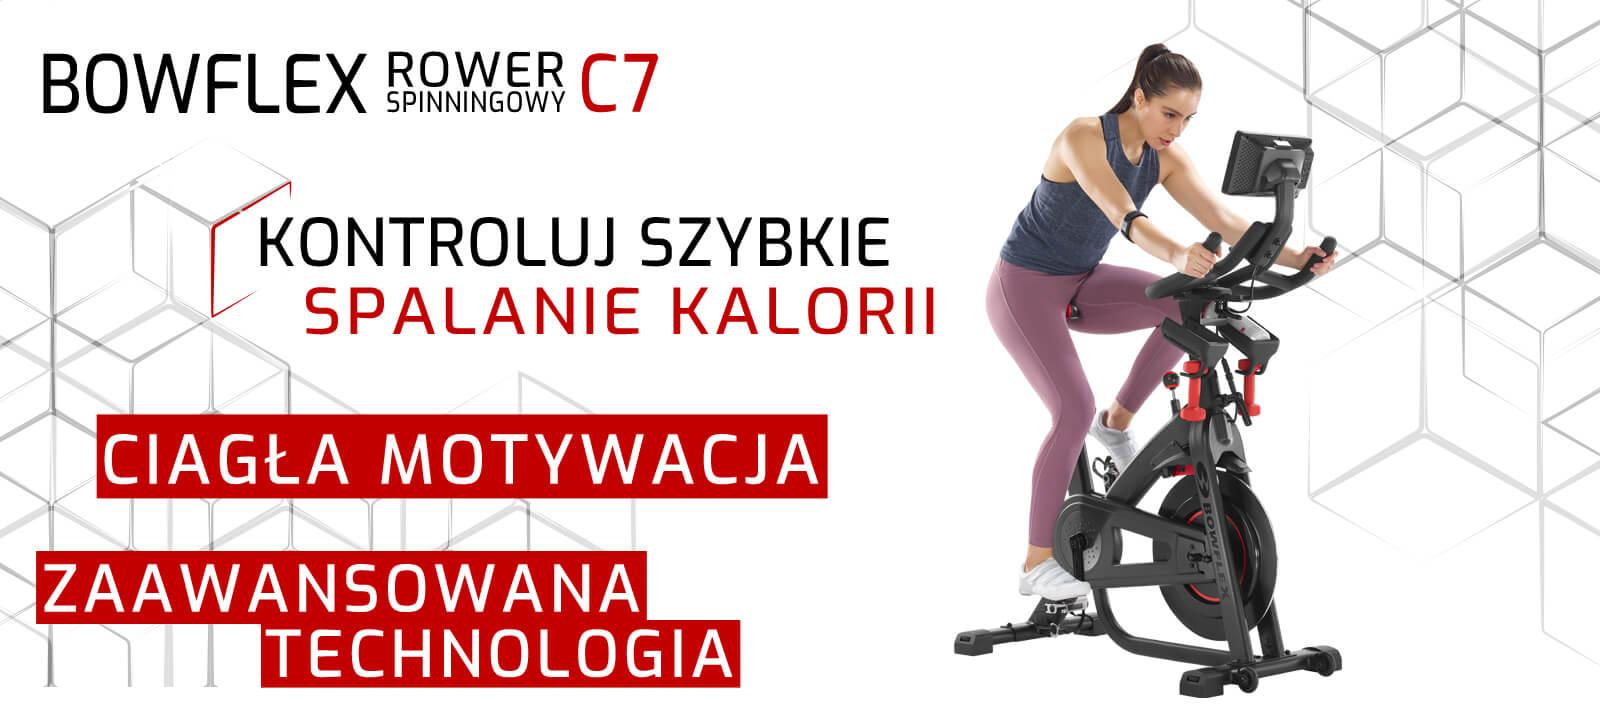 bowflex__rower-spinningowy_c7.jpg